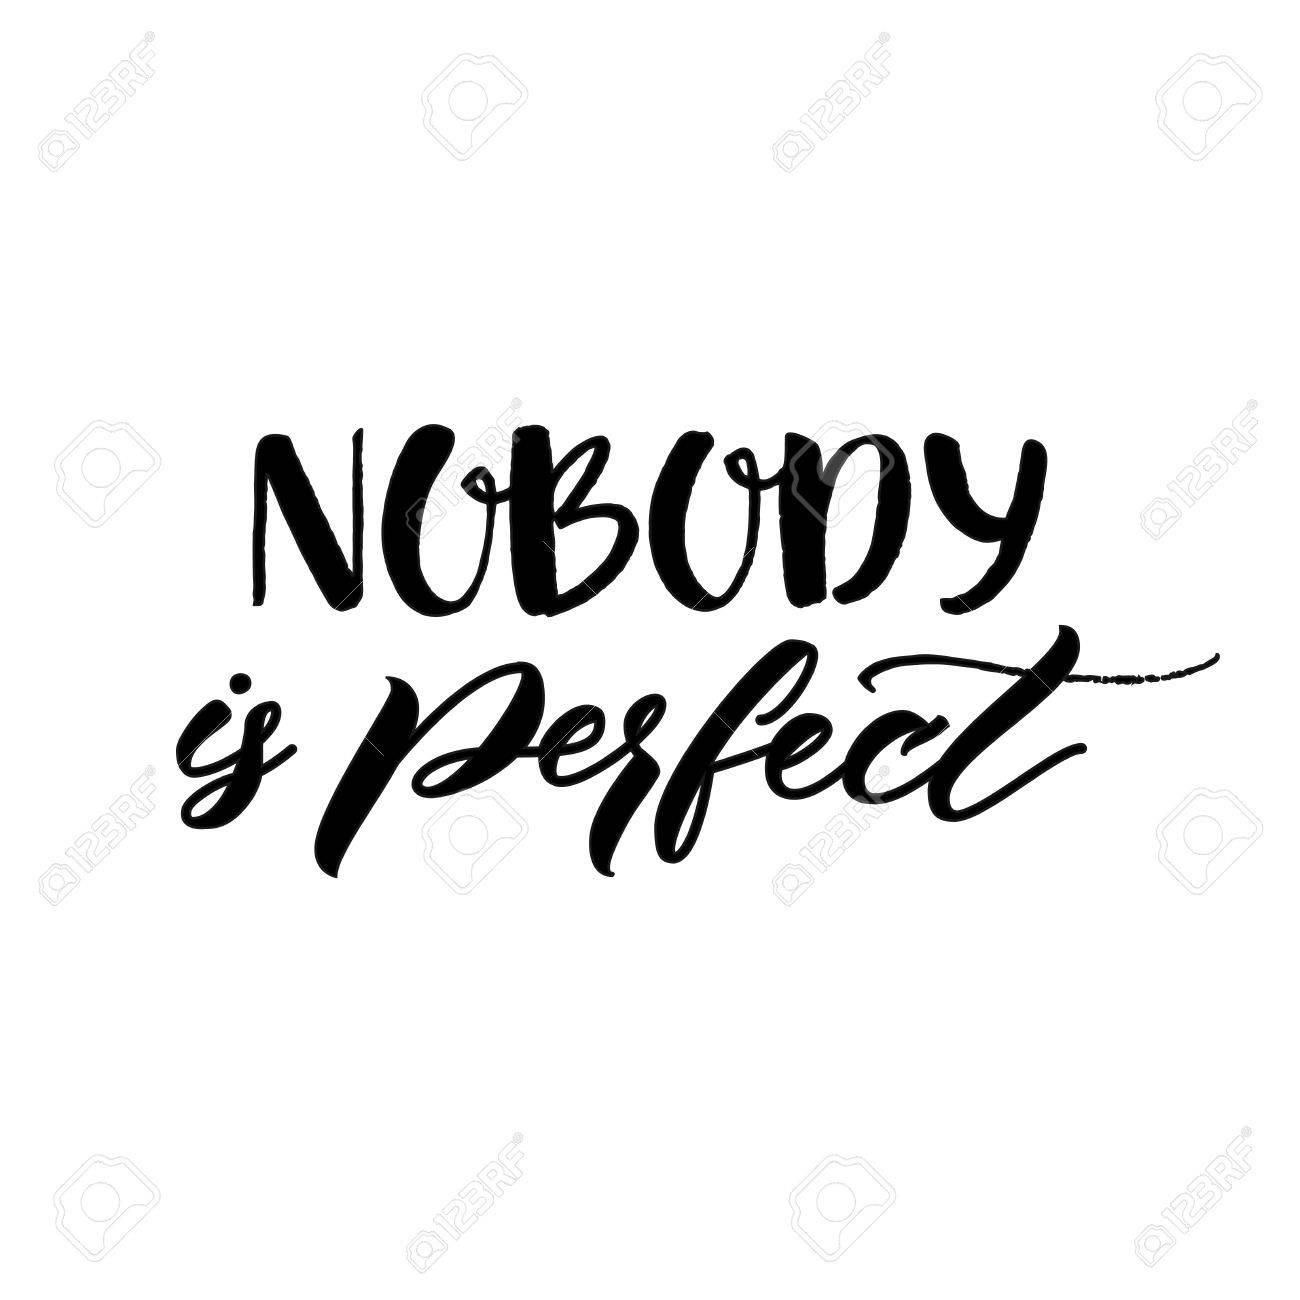 Nadie Es Perfecto Frase Inspirada Por Cometer Errores Y Perfeccionismo Cita De Motivación Las Letras Del Vector La Caligrafía De Negro Sobre Fondo